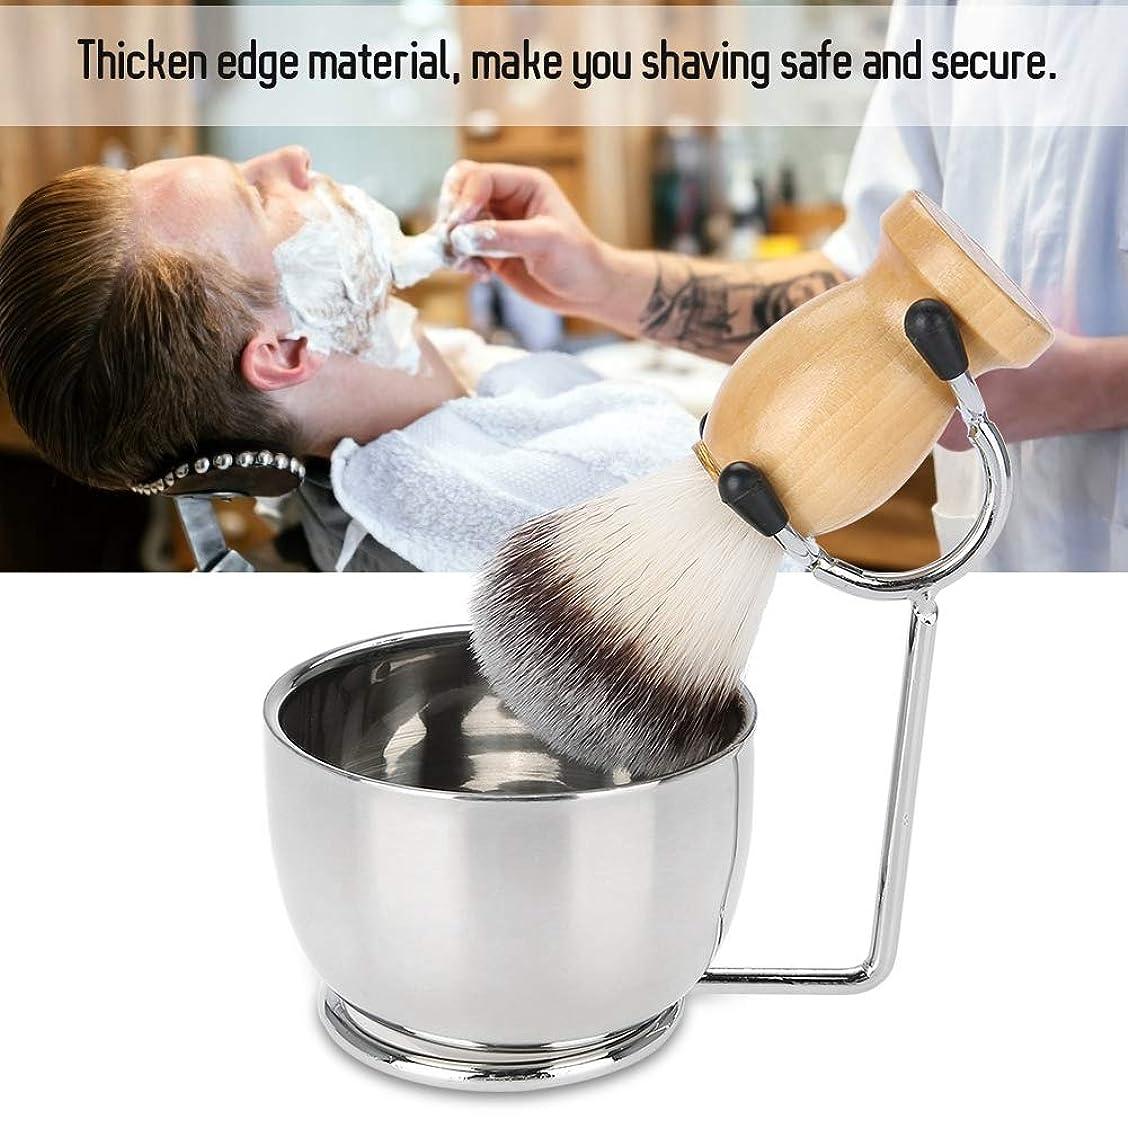 まどろみのあるありそうアリブラシスタンド,シェービングブラシ耐久性と実用性ひげ剃りセット プロフェッショナルステンレススチールボウルスタンドブラシの口ひげシェービングツール